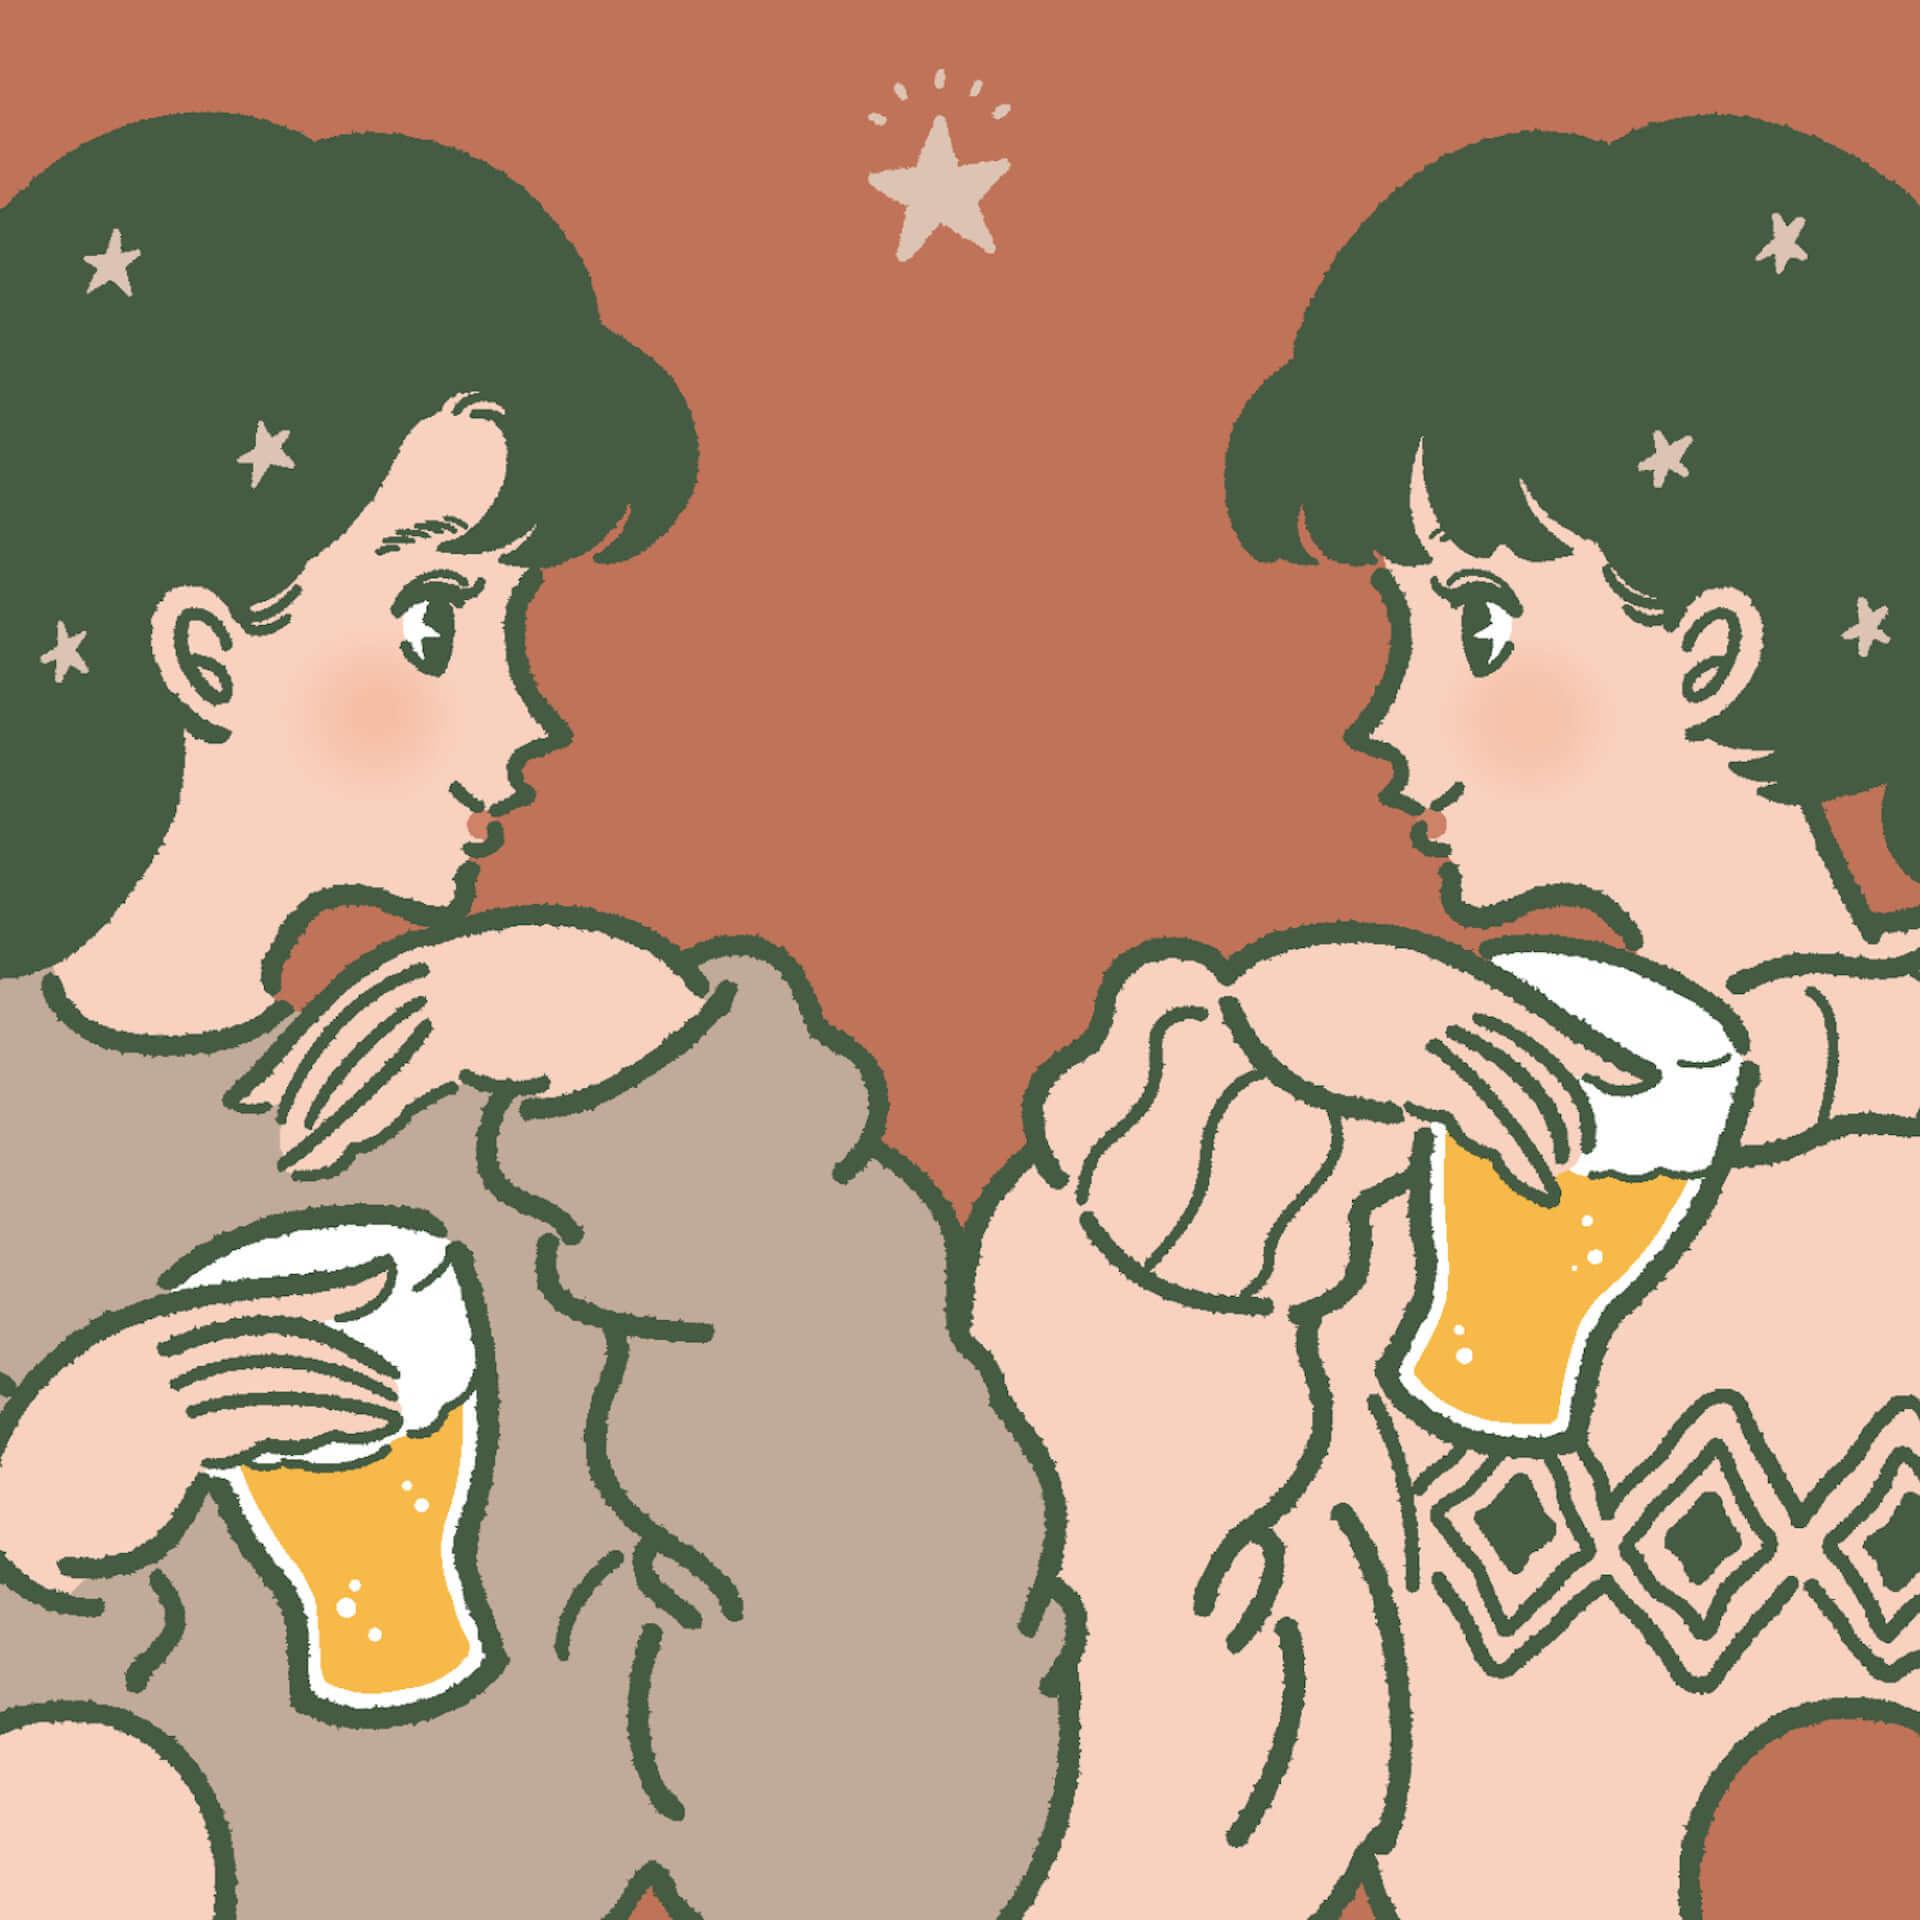 """UEBOが「コロナ禍によって失われた本来の日常」を歌った新曲""""December""""のリリックビデオを解禁!楽曲にはNeighbors ComplainのKASHが参加 music201216_uebo_2-1920x1920"""